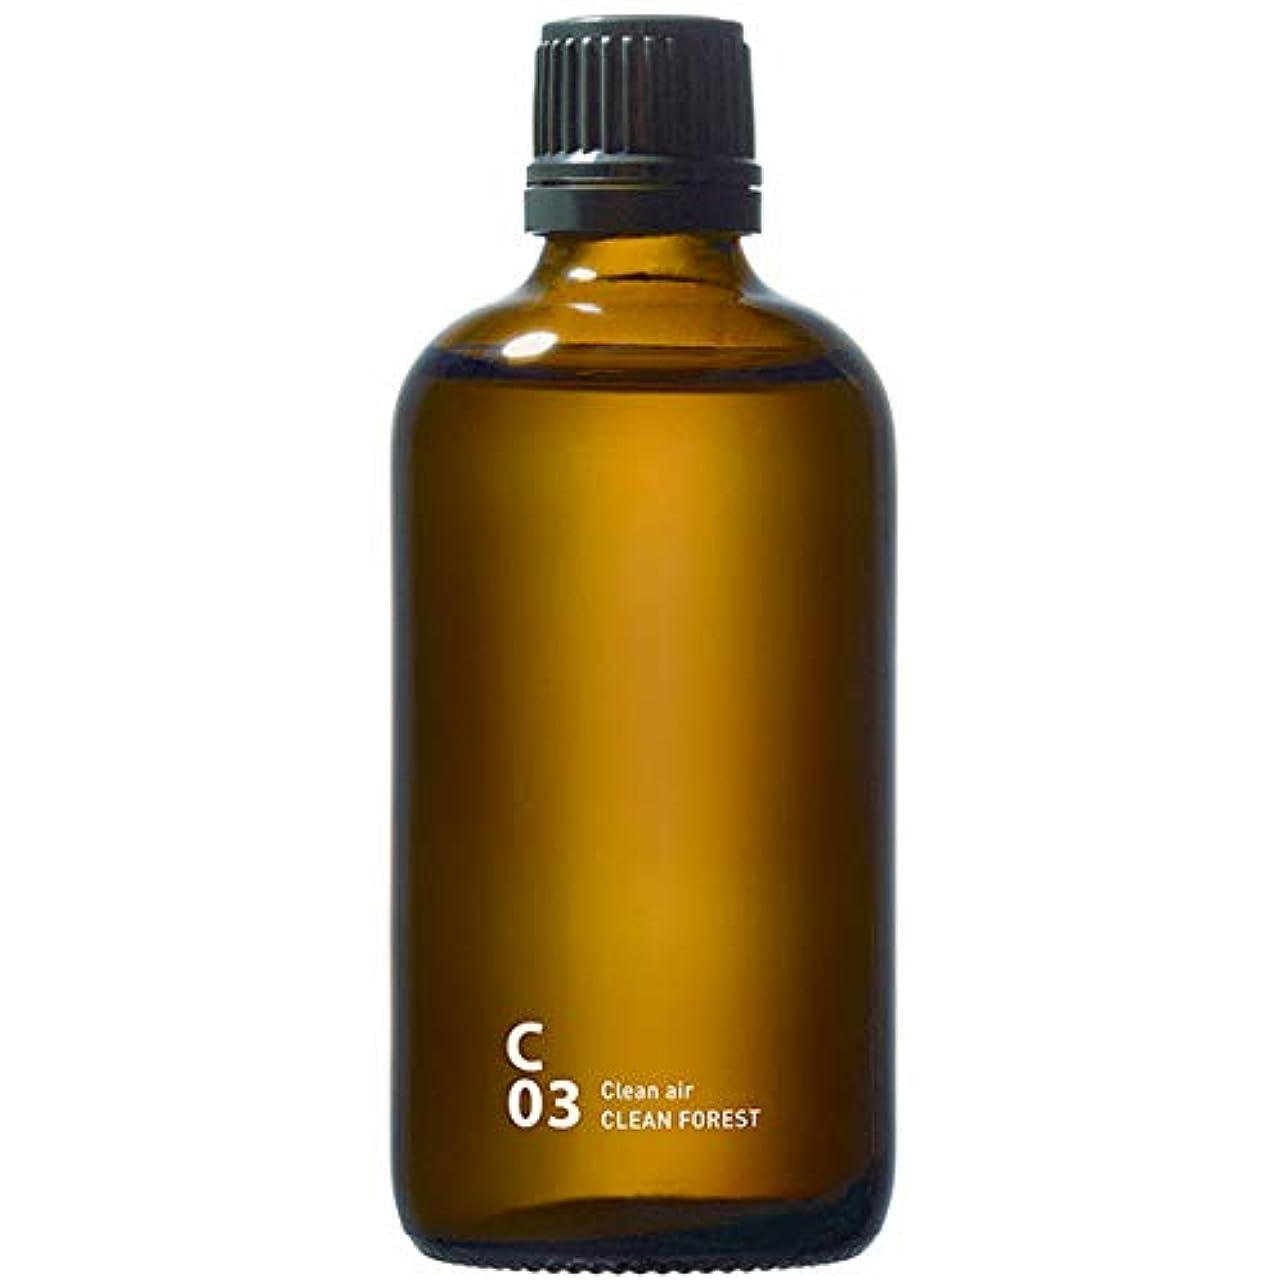 靴先のことを考える情熱C03 CLEAN FOREST piezo aroma oil 100ml